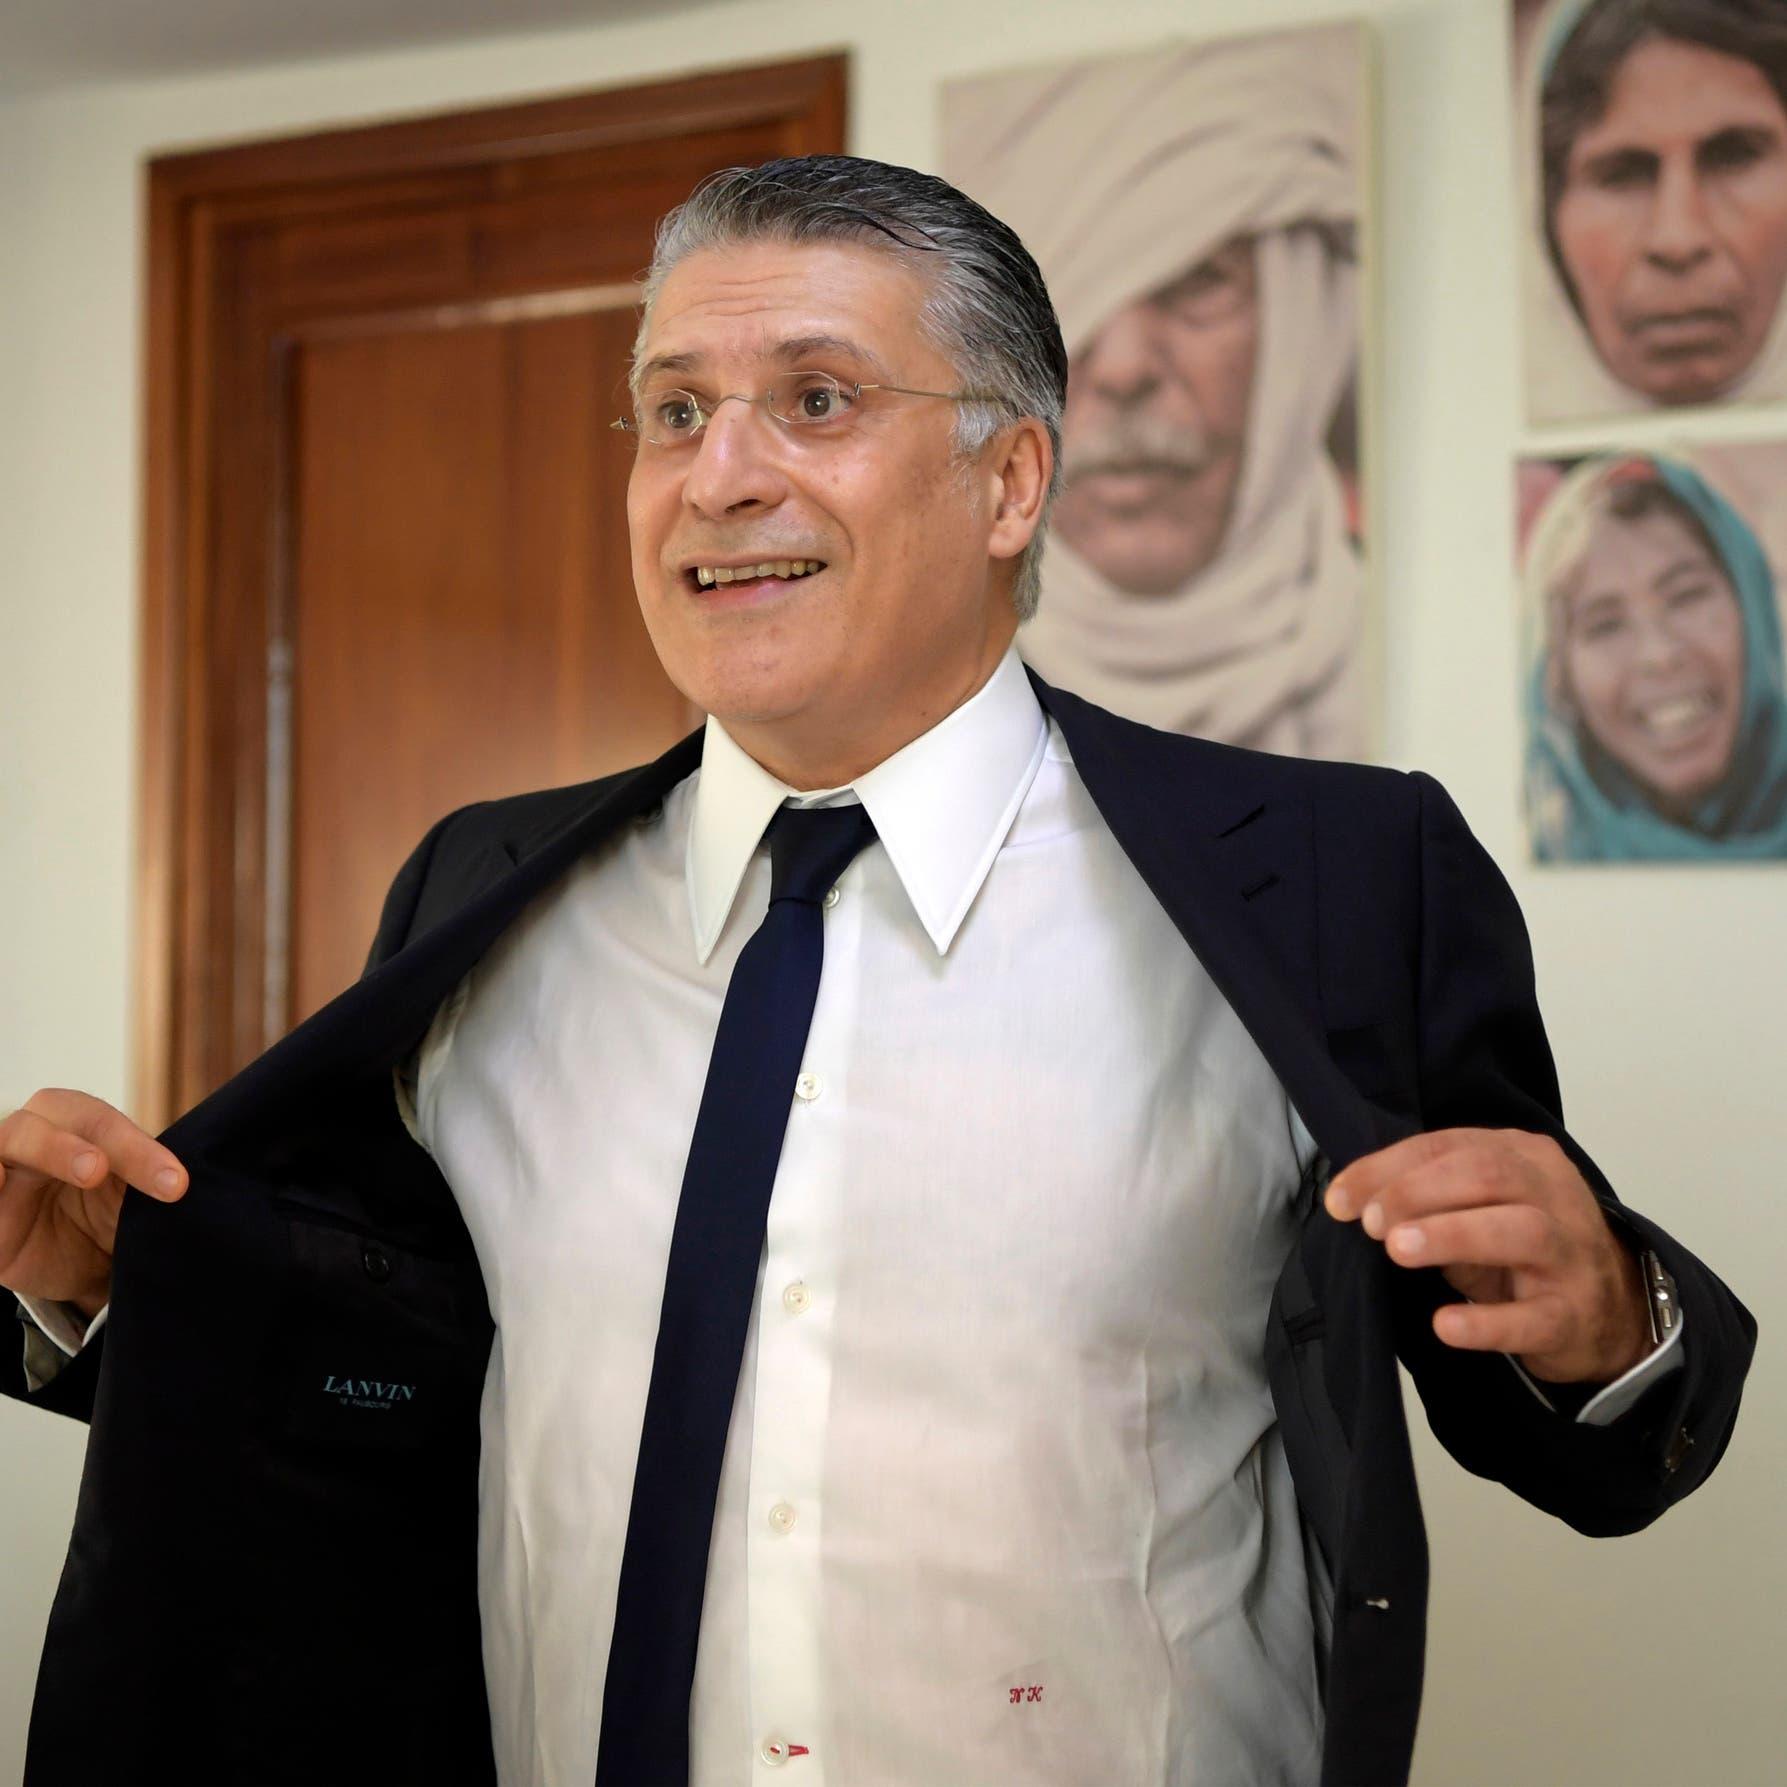 بتهمة تبييض أموال.. نبيل القروي خلف القضبان في تونس